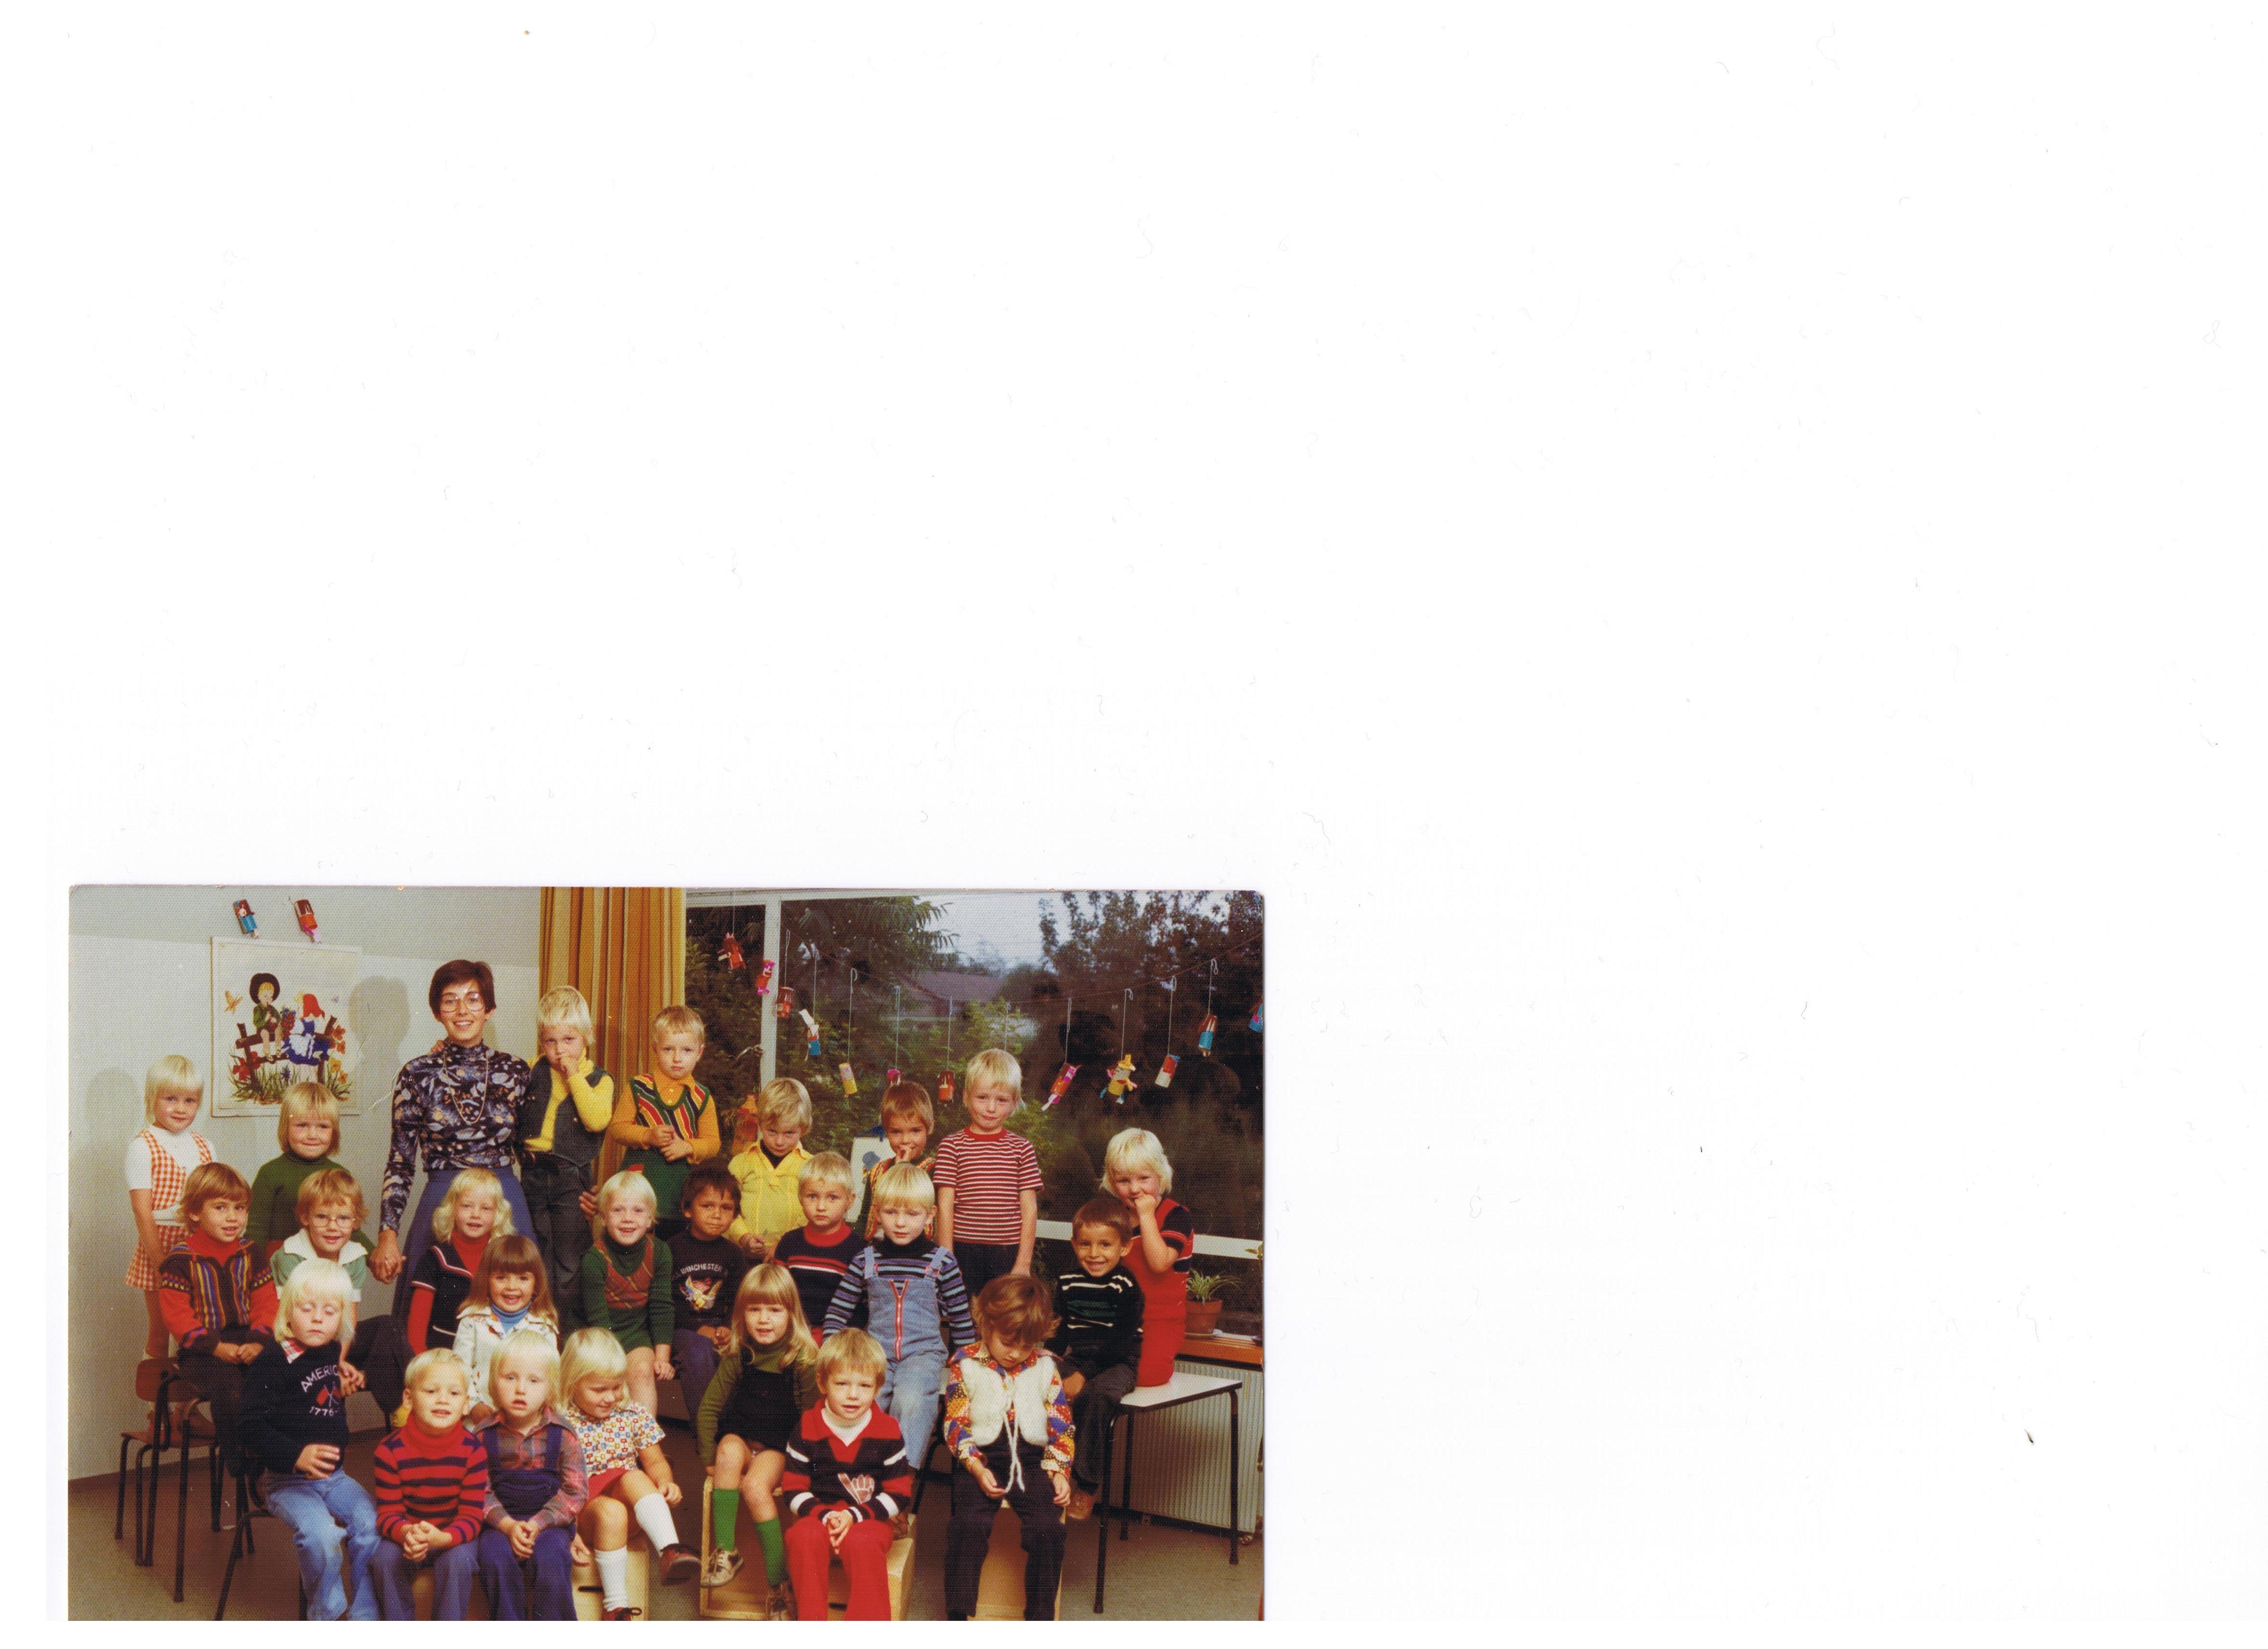 kleuterschool roodkapje foto